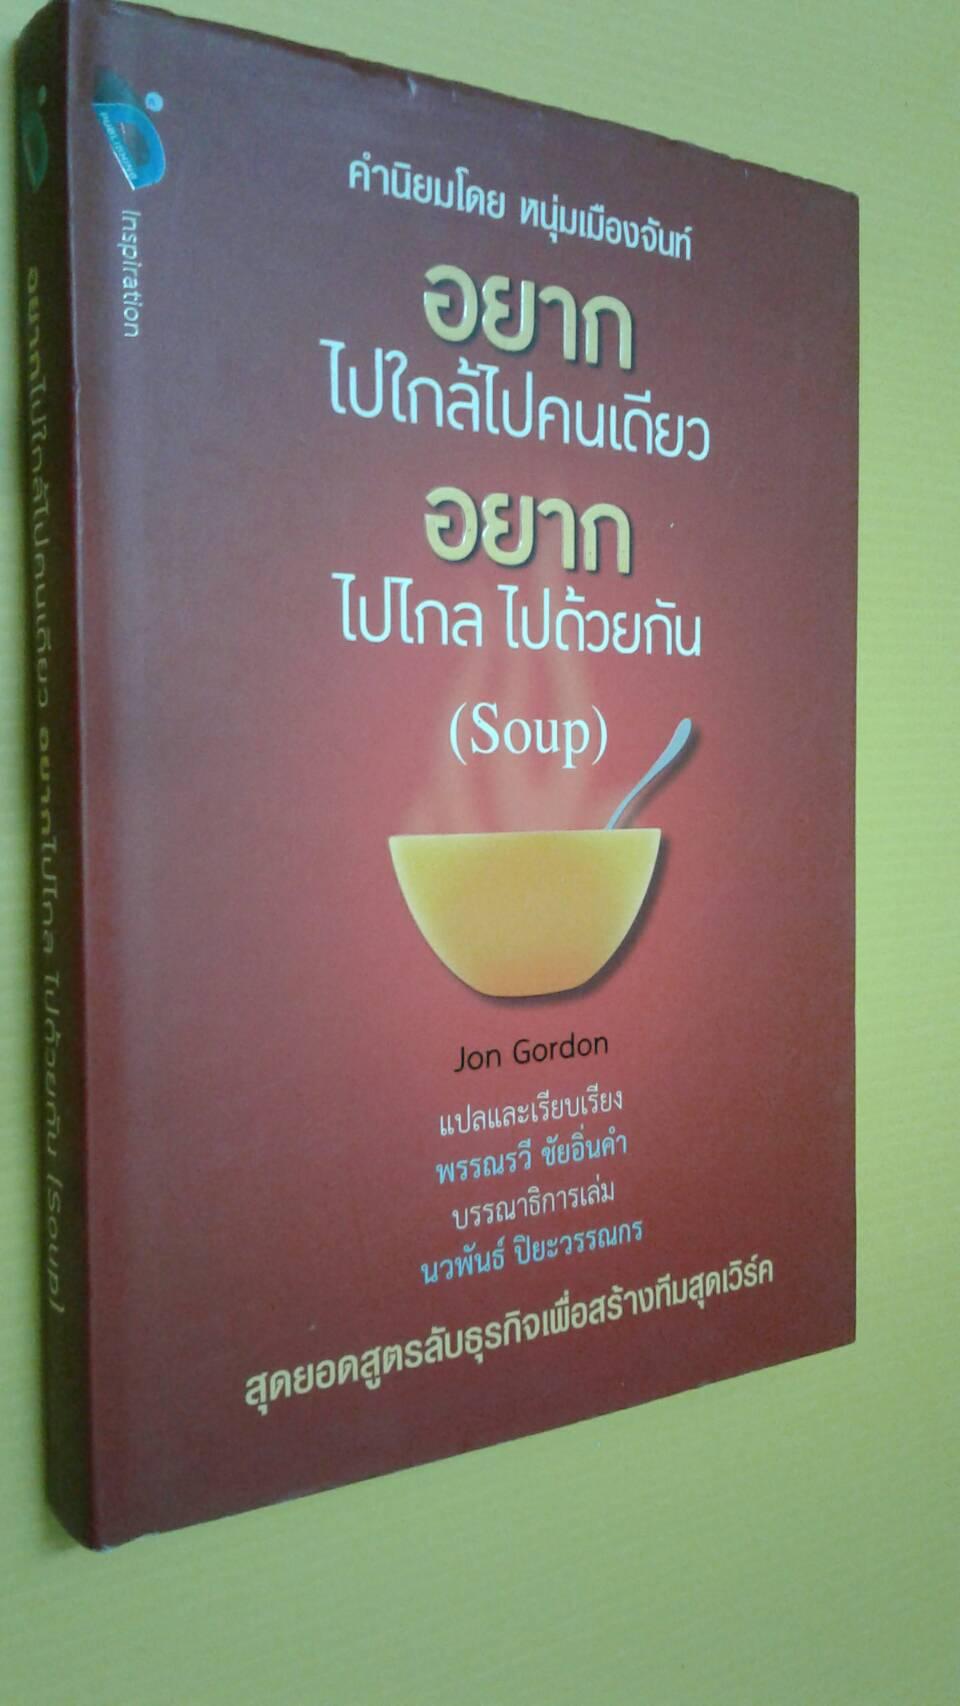 อยากไปใกล้ไปคนเดียว อยากไปไกลไปด้วยกัน (Soup)